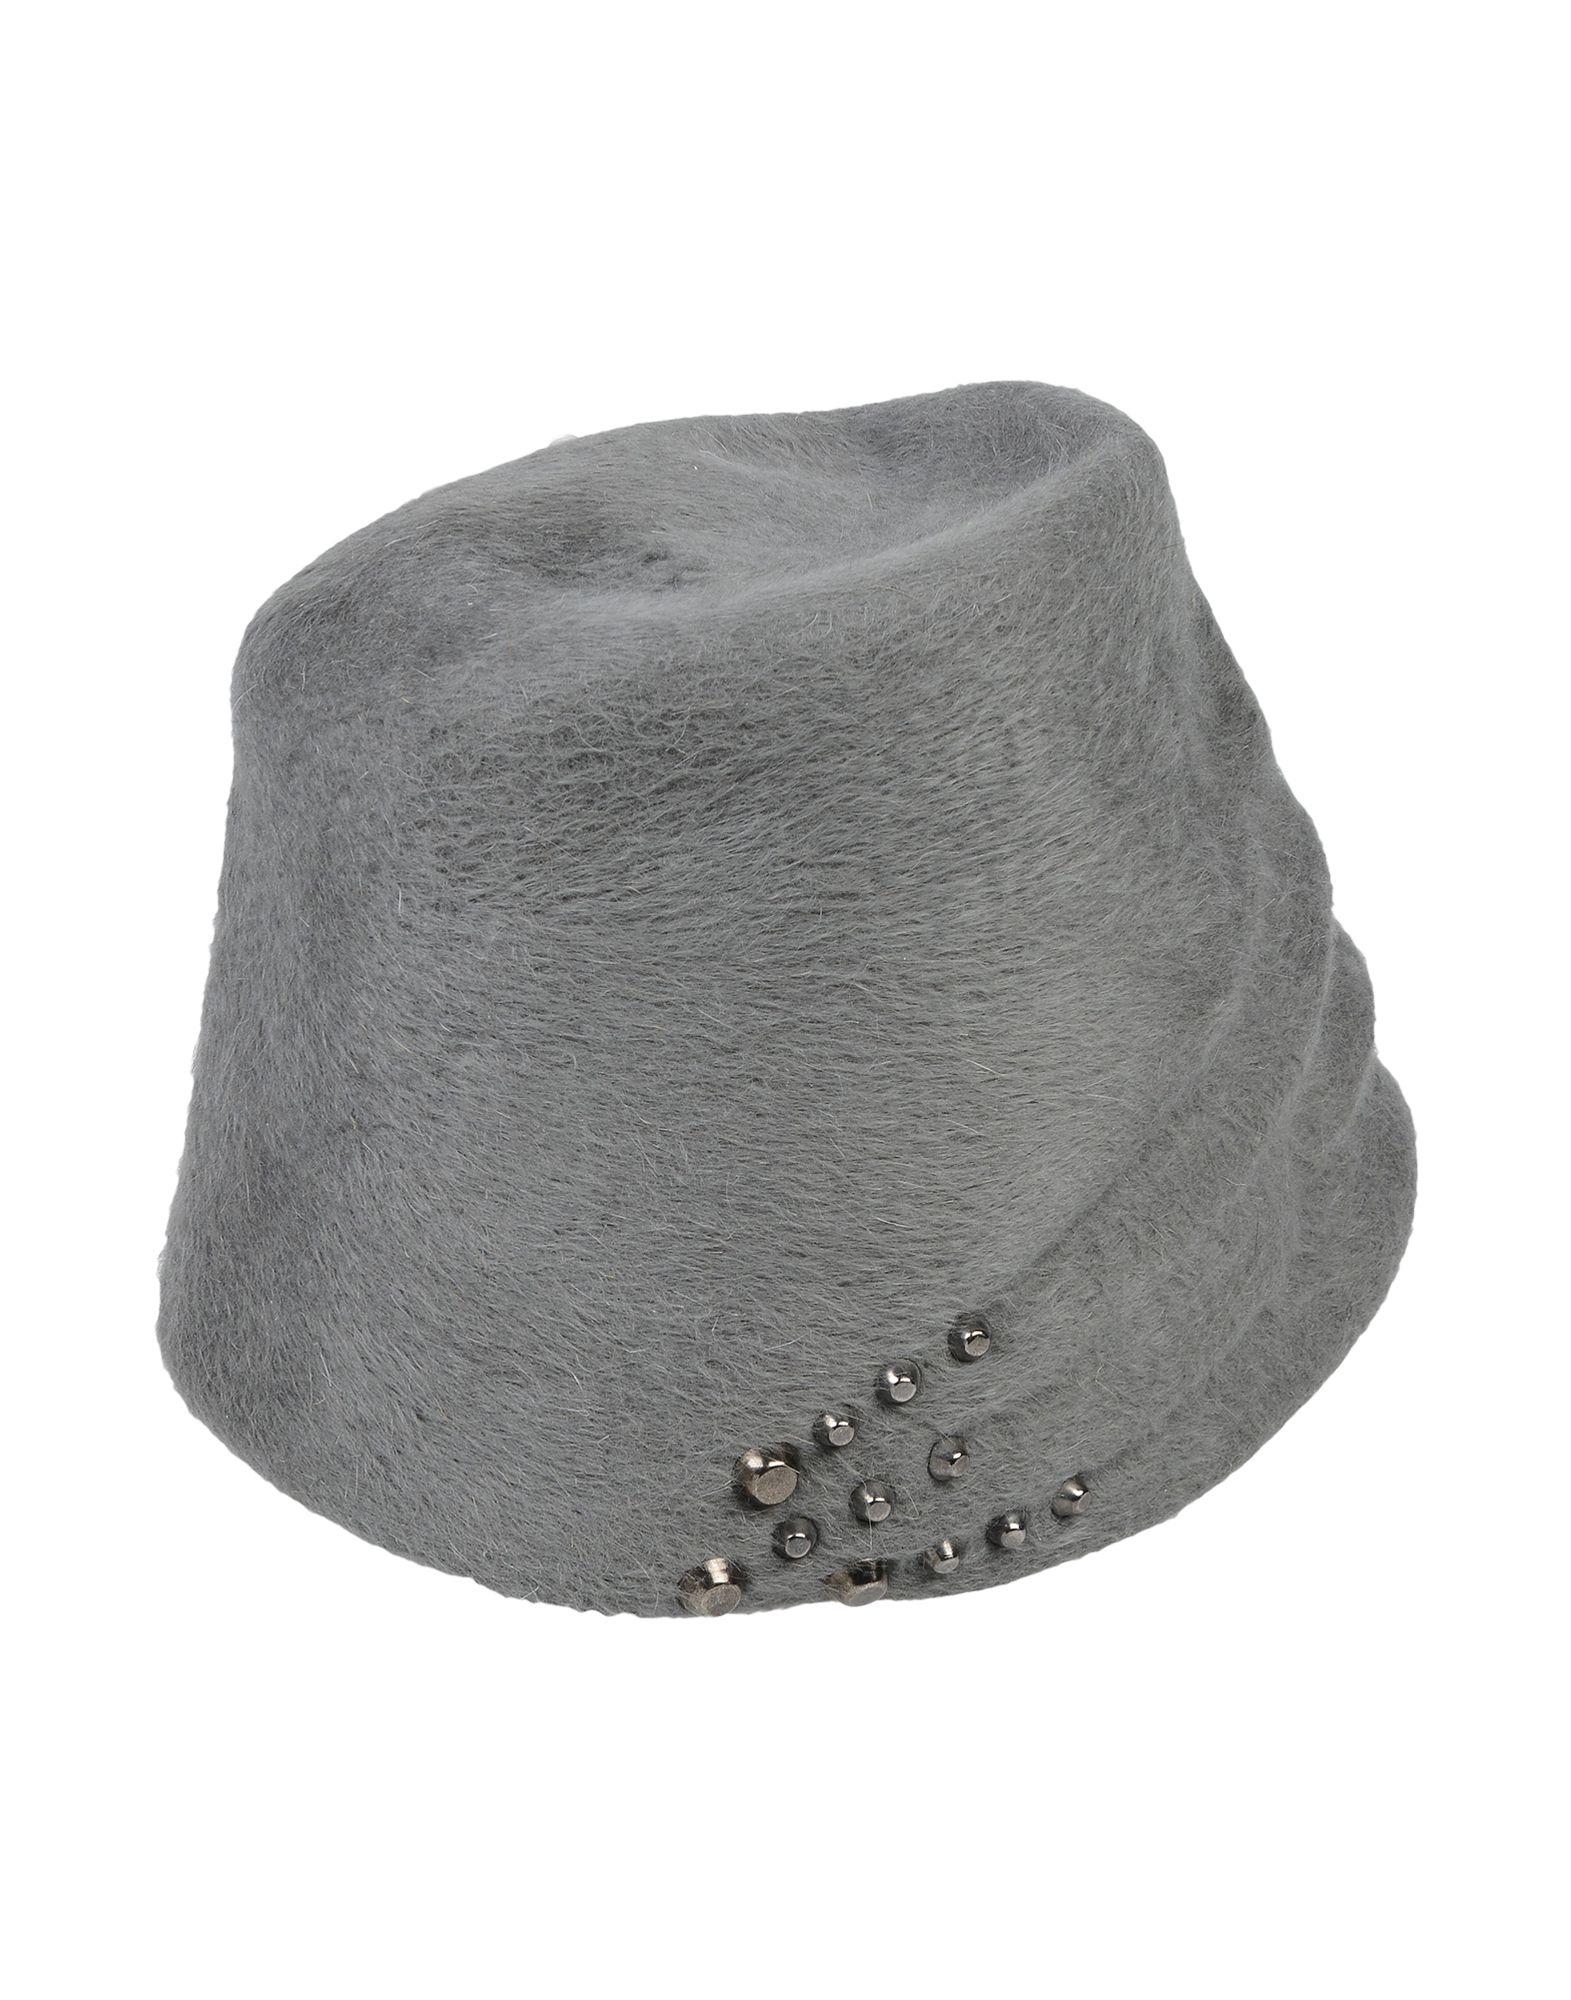 лучшая цена SUPER DUPER HATS Головной убор